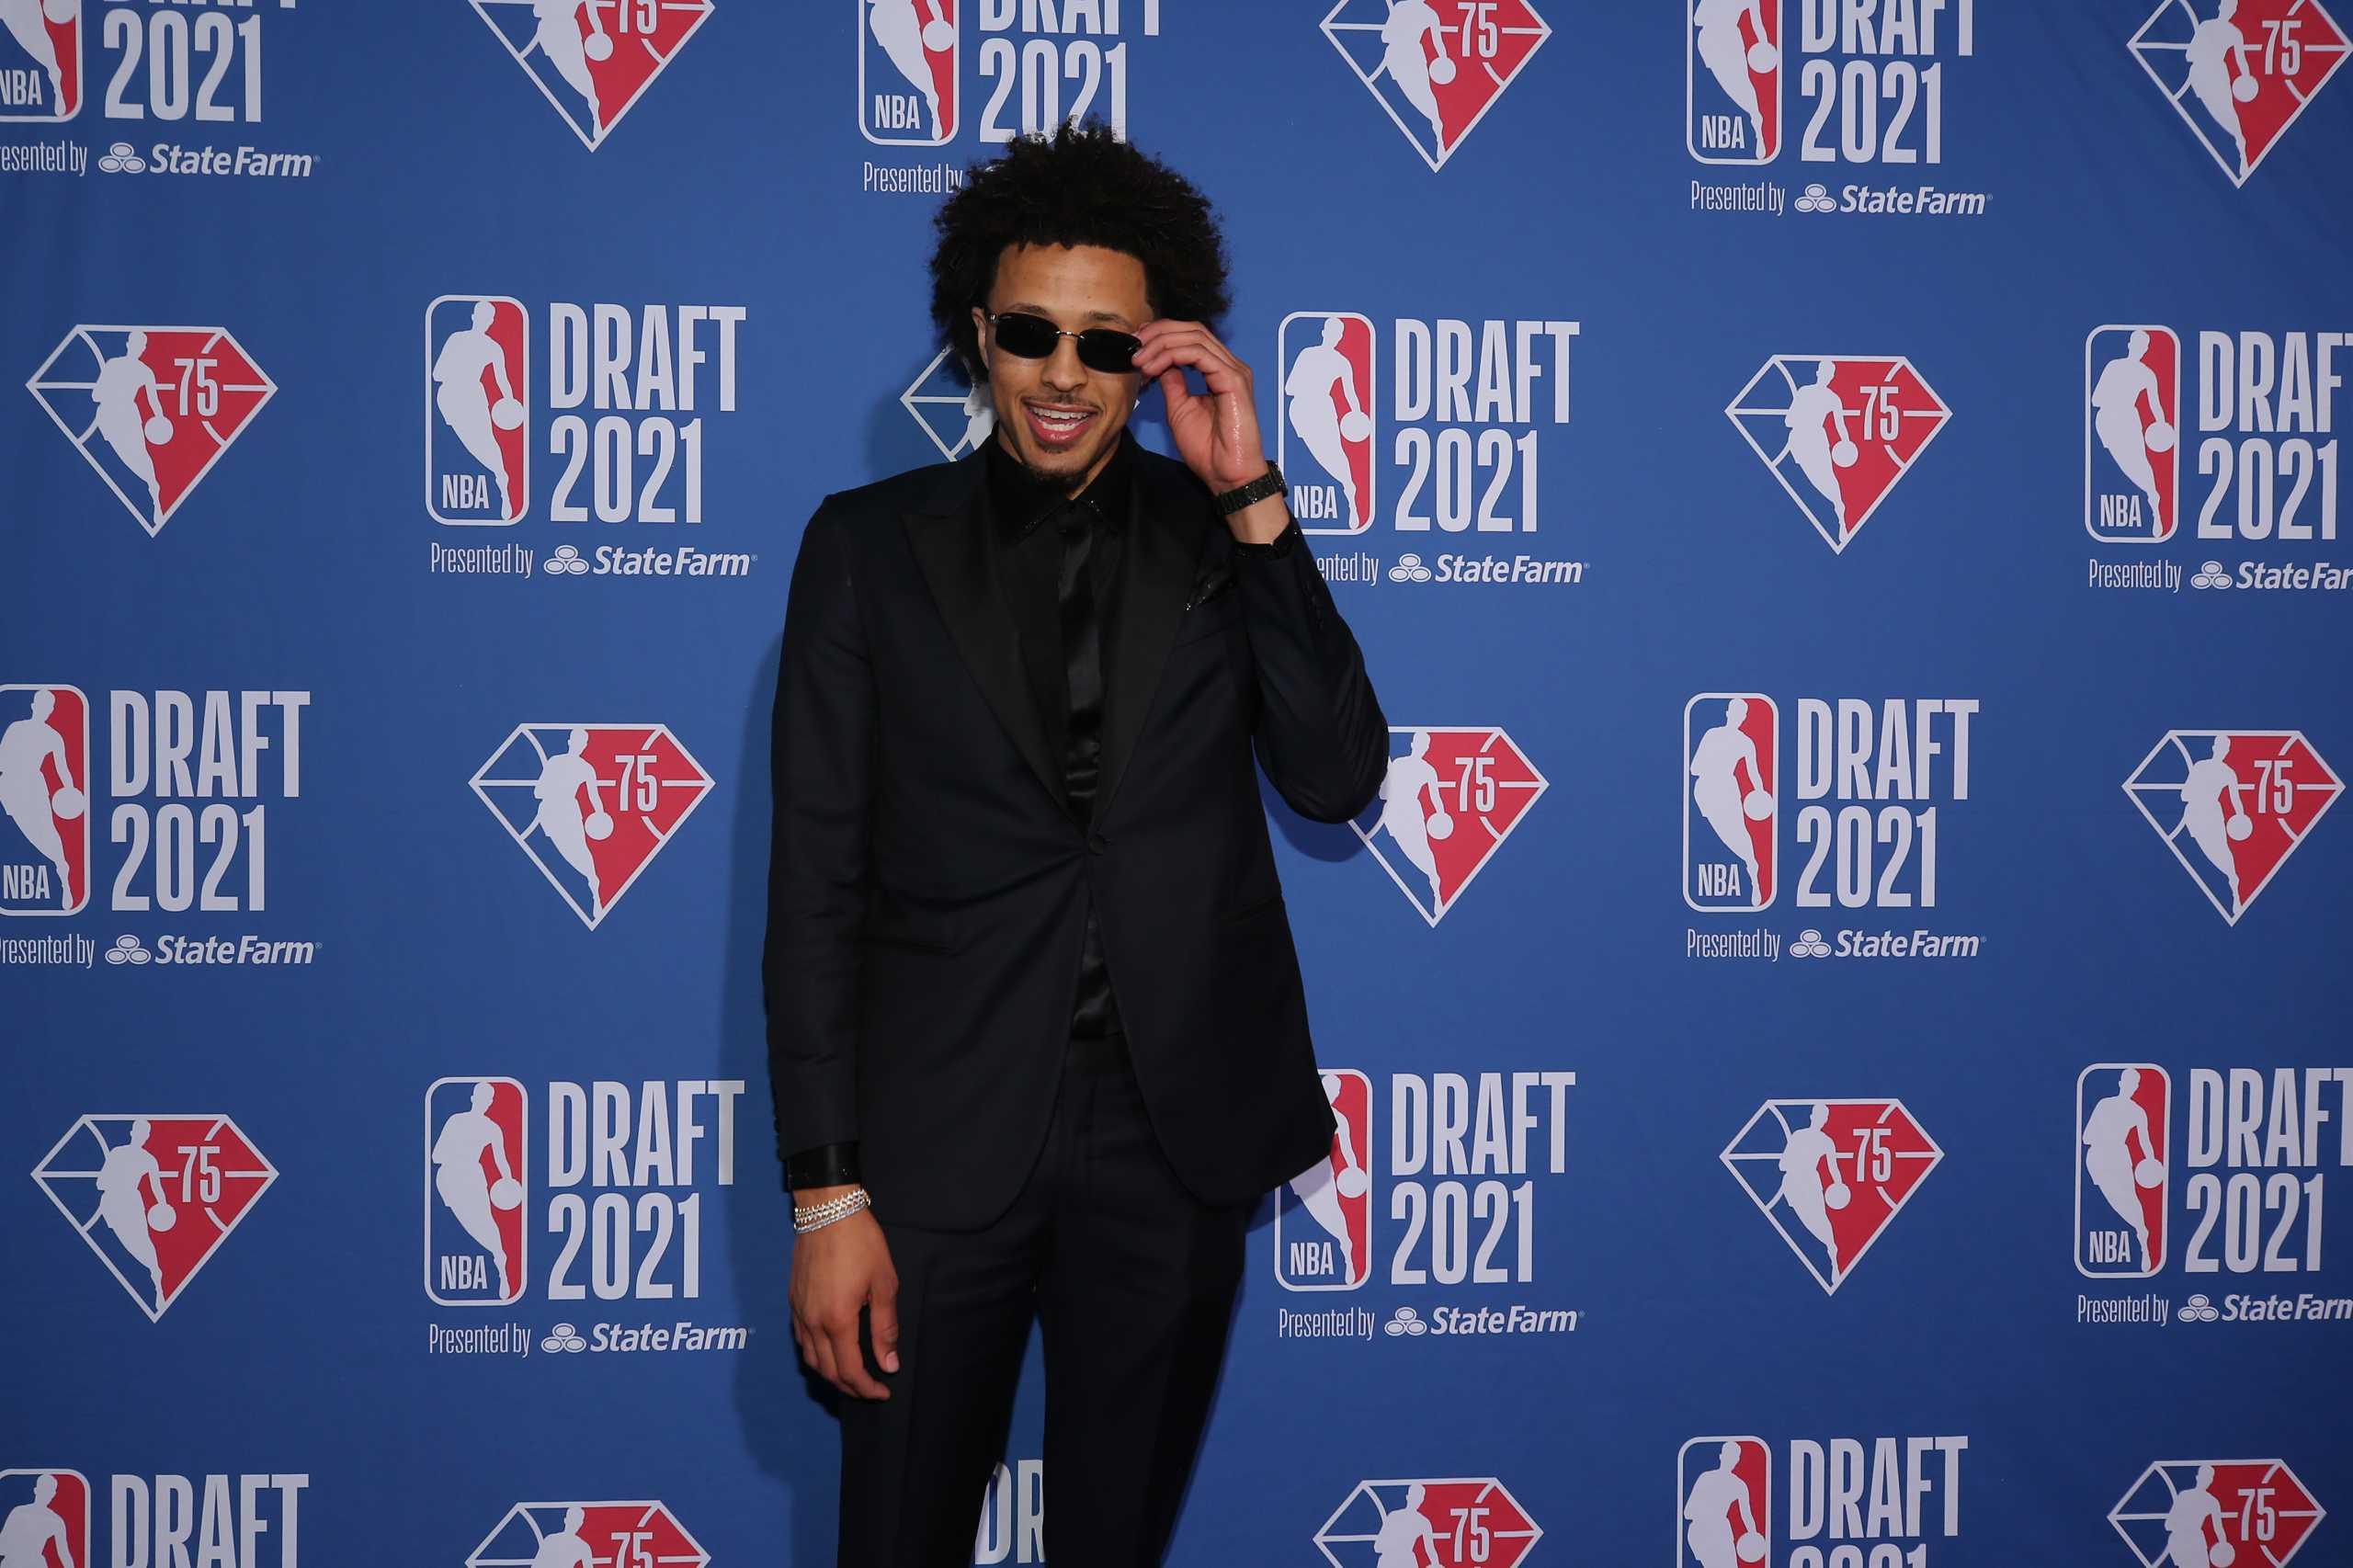 NBA Draft: Στο Νο1 ο Κάνιγχαμ για τους Ντιτρόιτ Πίστονς